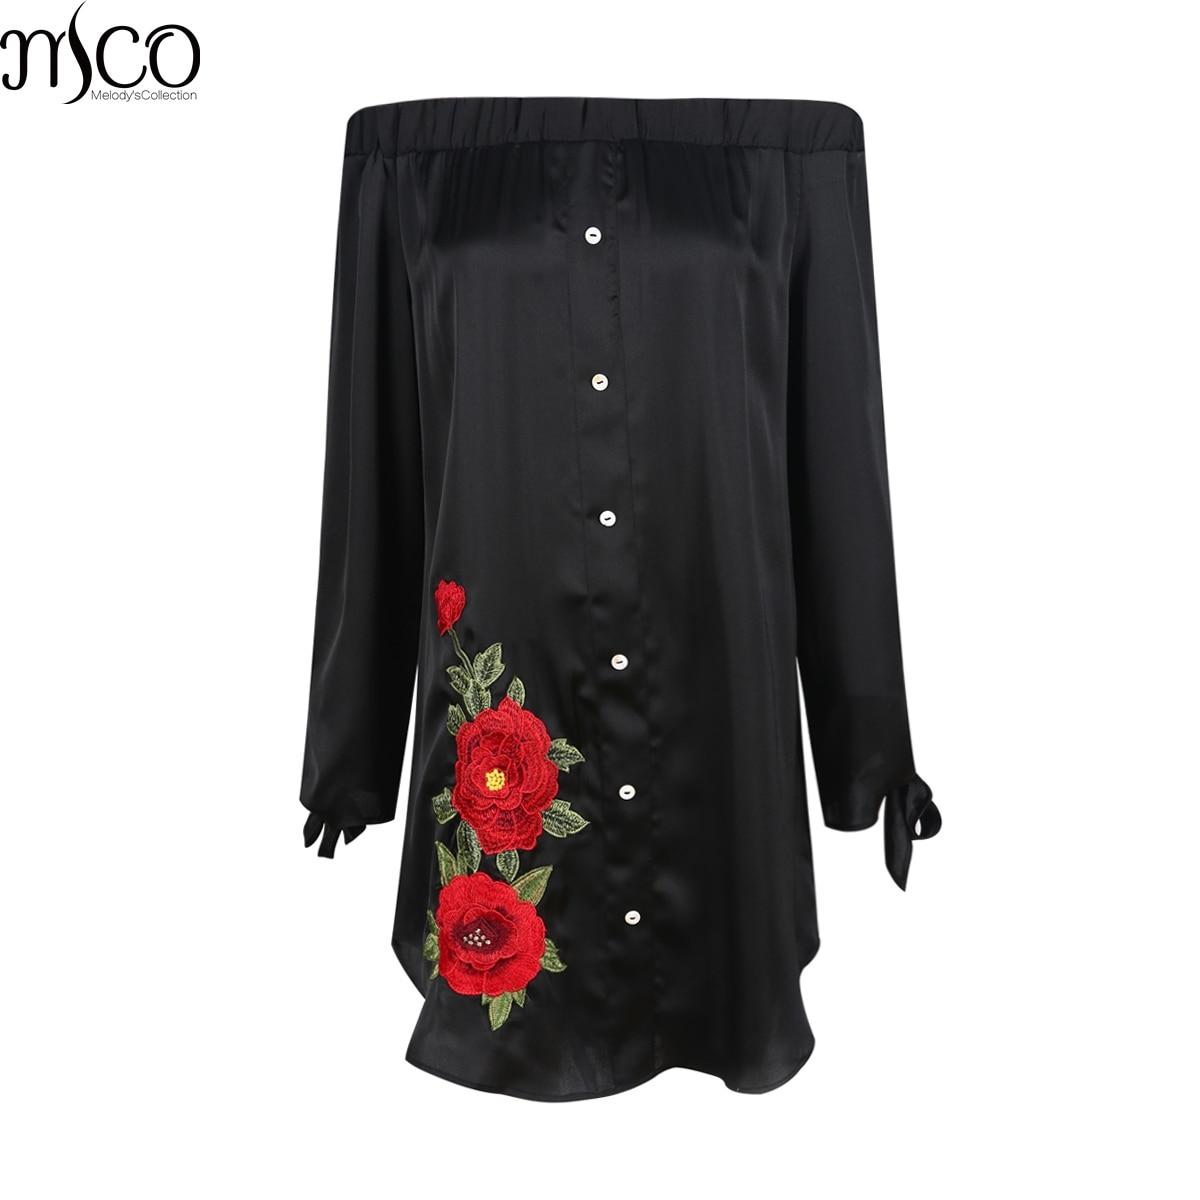 MCO סקסי כבויה פרחי Emboridery בתוספת גודל חולצה שמלת מיני גדול שמלות שחור בארדו גדול נשים בגדי 5xl 6xl 7xl